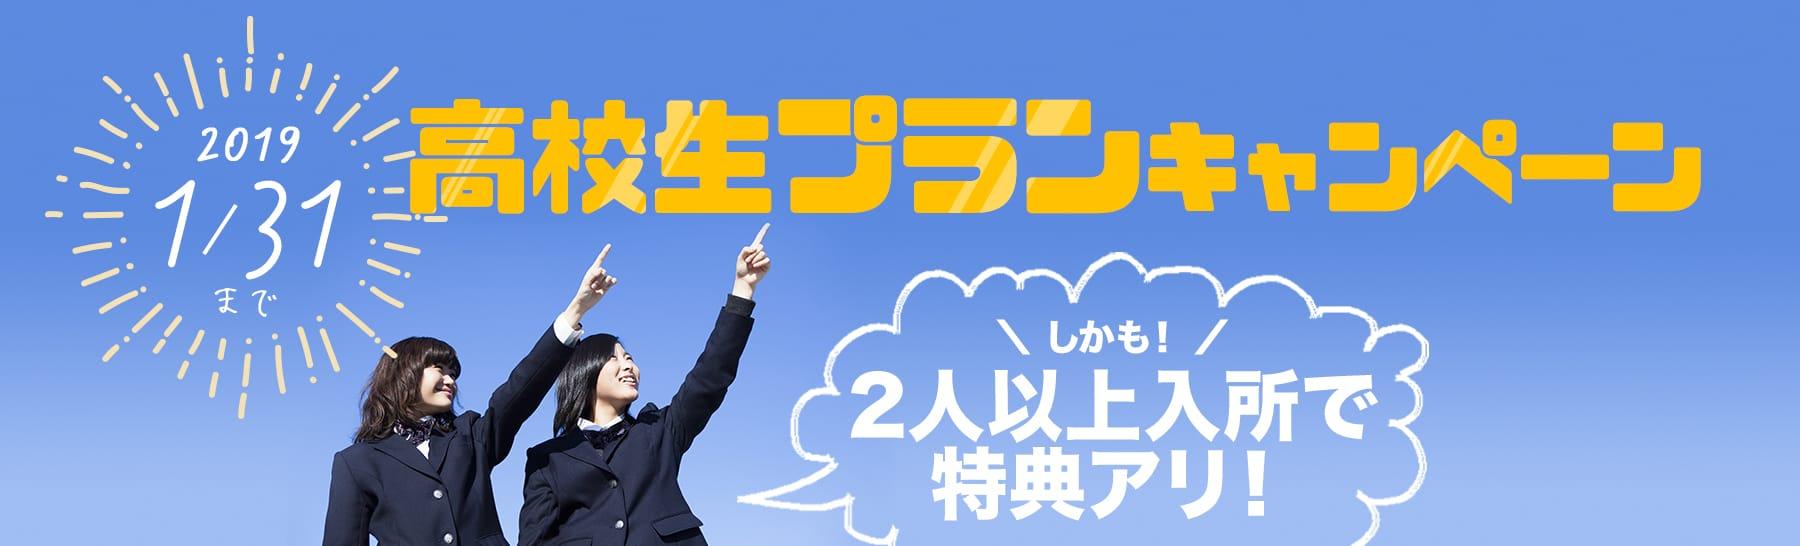 普通自動車免許16,200円(税込)引き!!お友達紹介で特典あり♪高校生プランキャンペーン1/31まで!